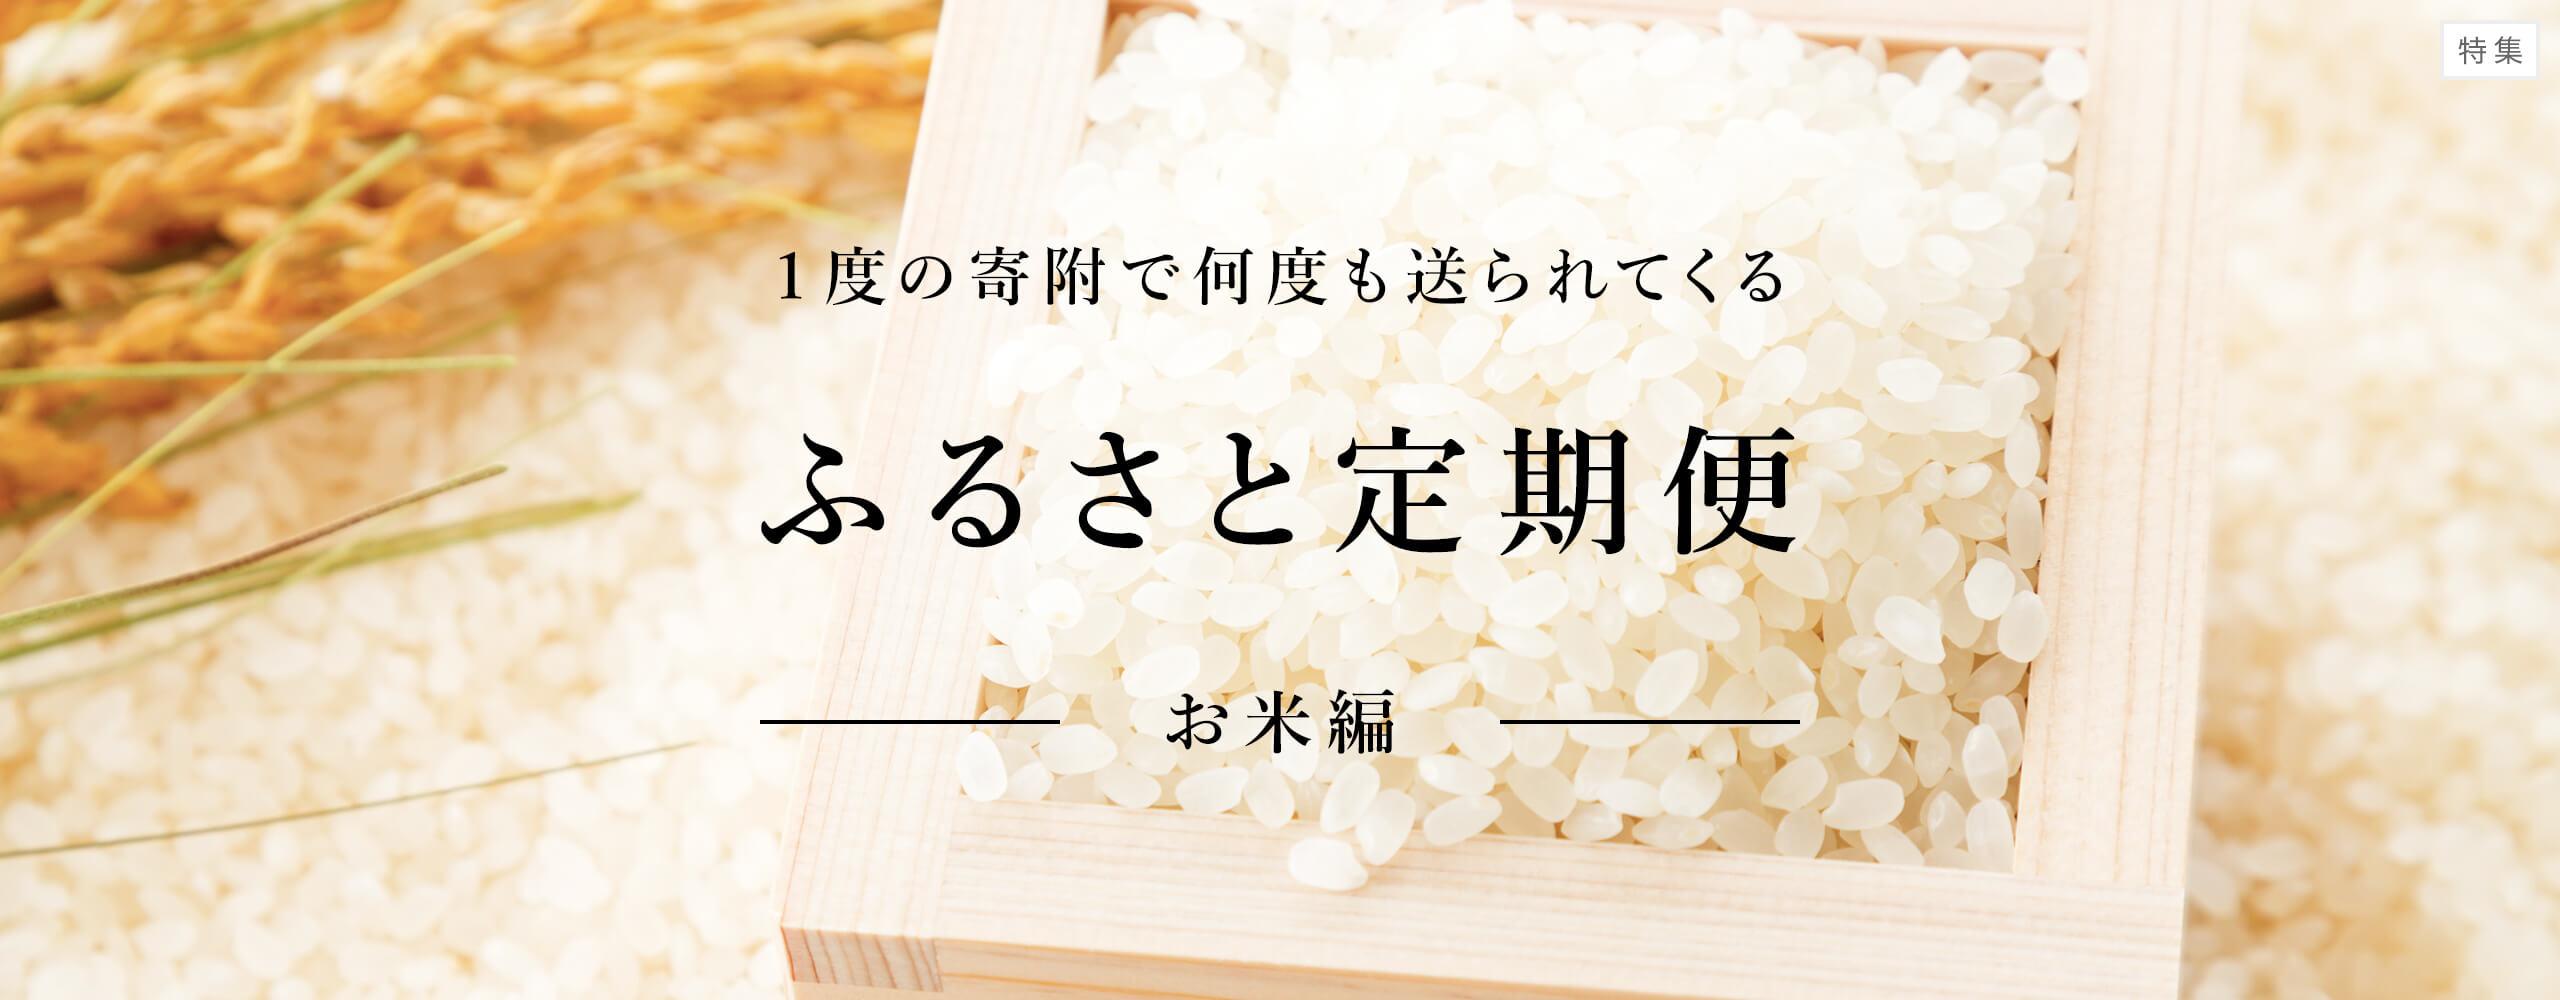 ふるさと定期便 ~お米編~